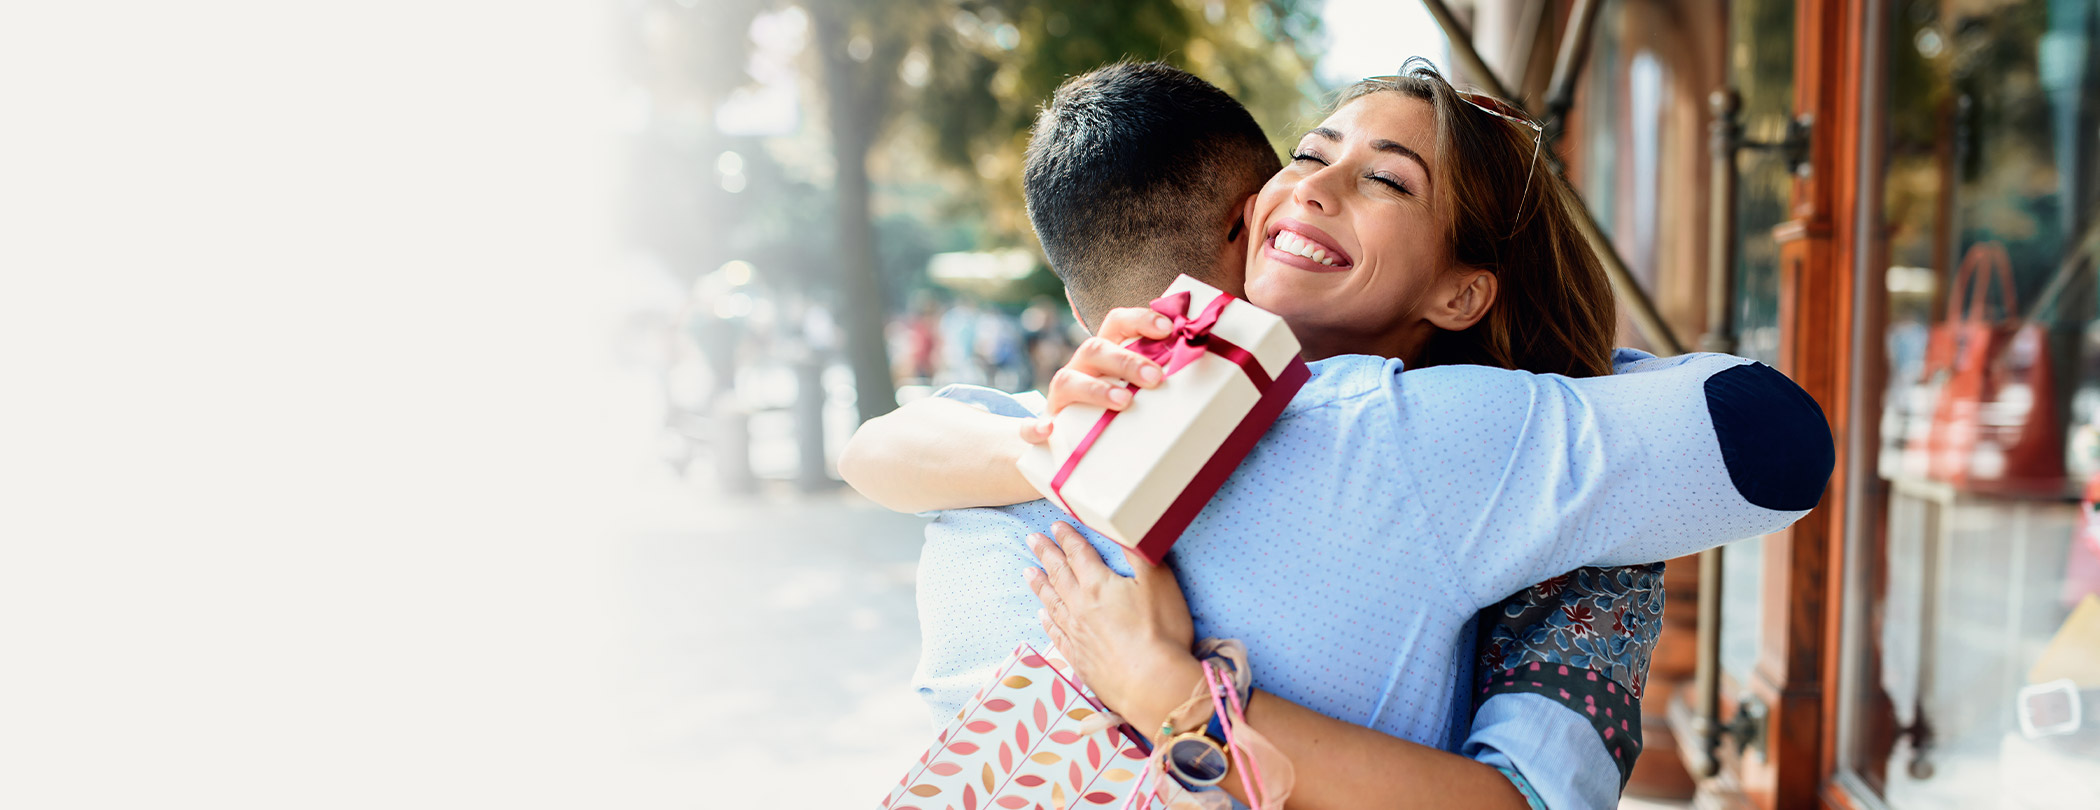 Alışveriş hakkında soruların mı var? O'na ne hediye alacağını bilemiyor musun? En güzel hediye önerilerini ve en uygun ürün fiyatlarını nerede bulabileceğini mi merak ediyorsun? Bilgi alışverişi için doğru yerdesin!